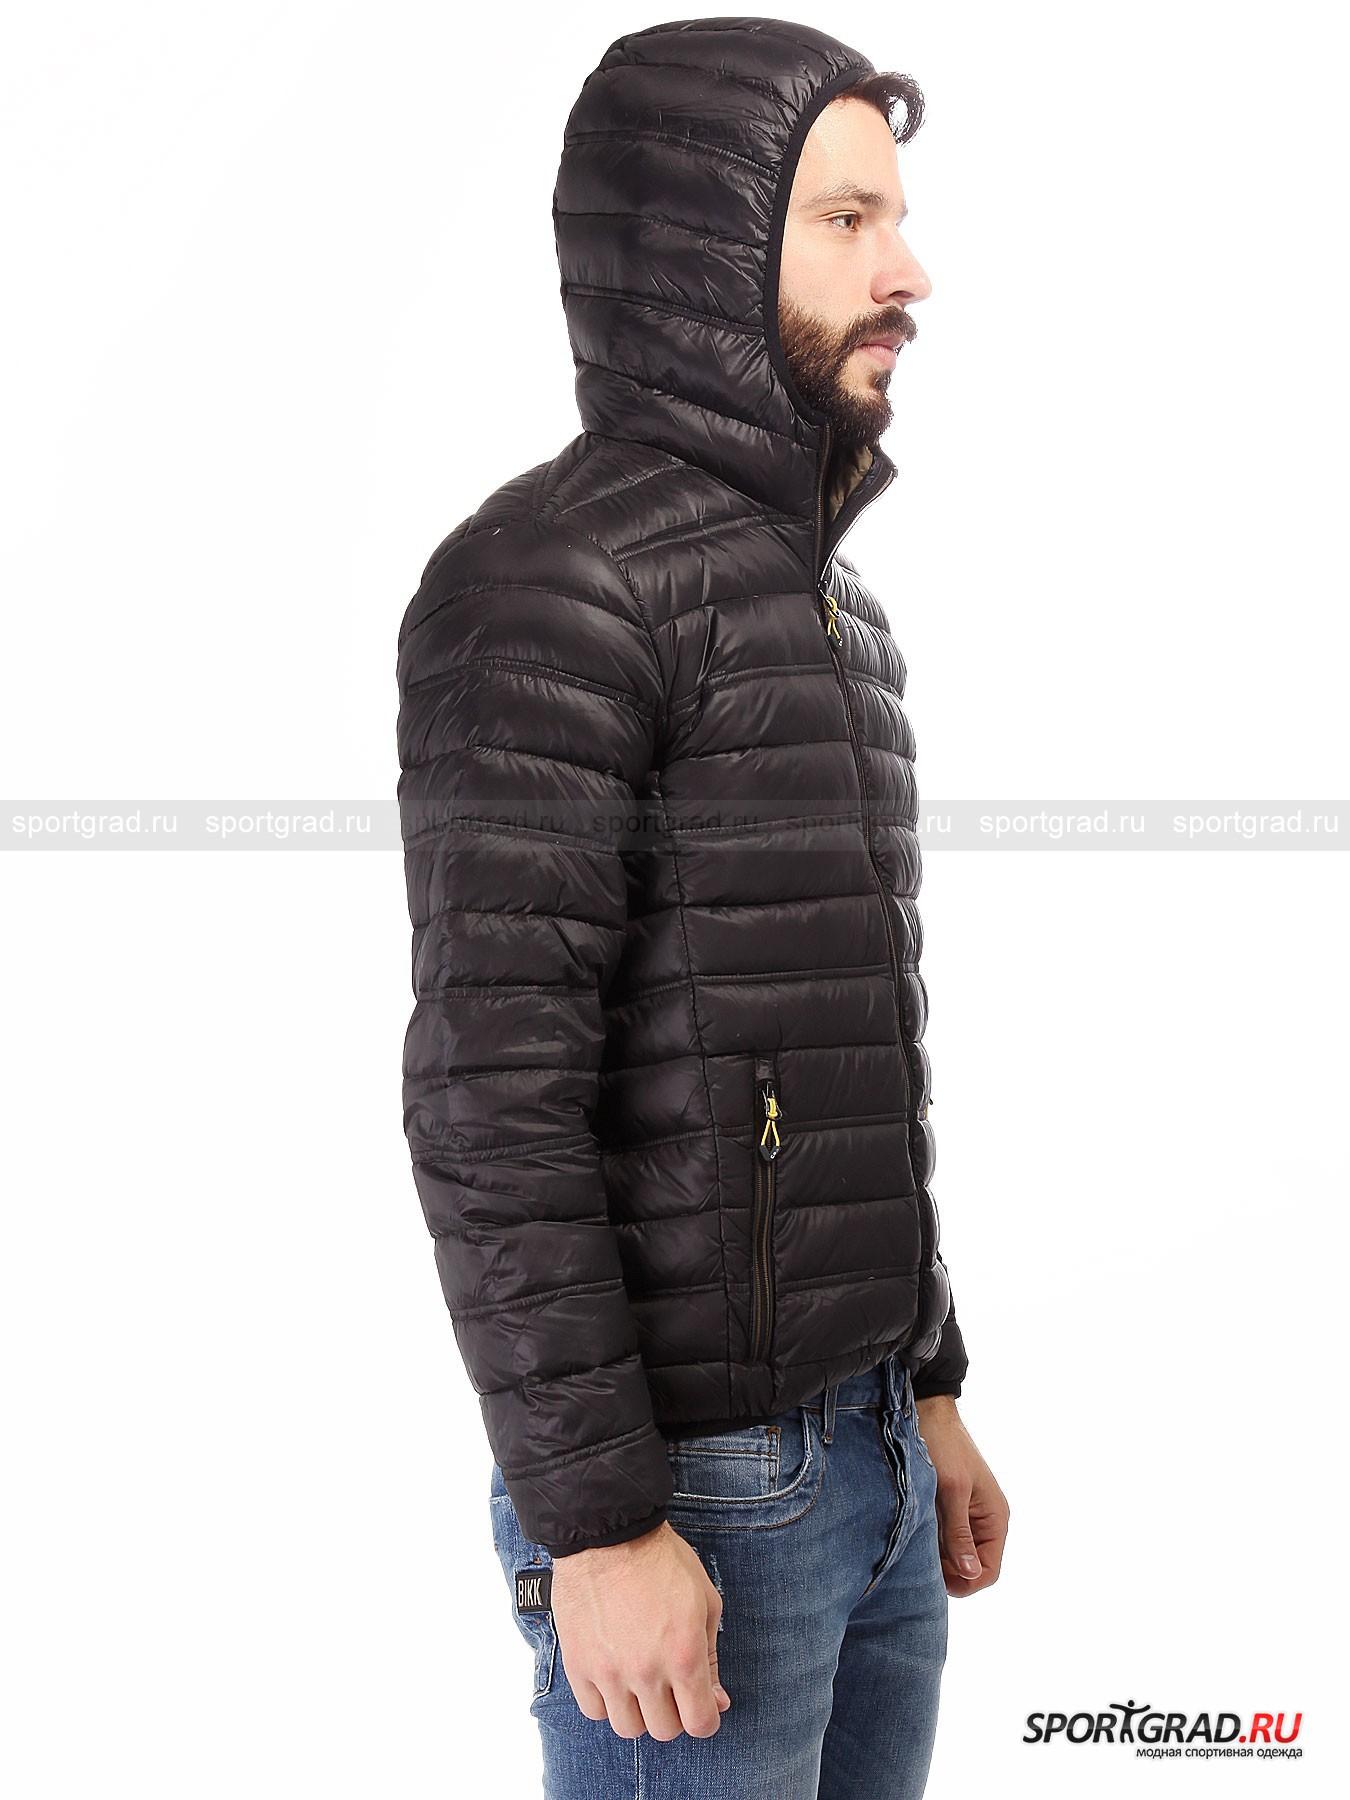 Куртки Ultra Light Down Купить В Москве